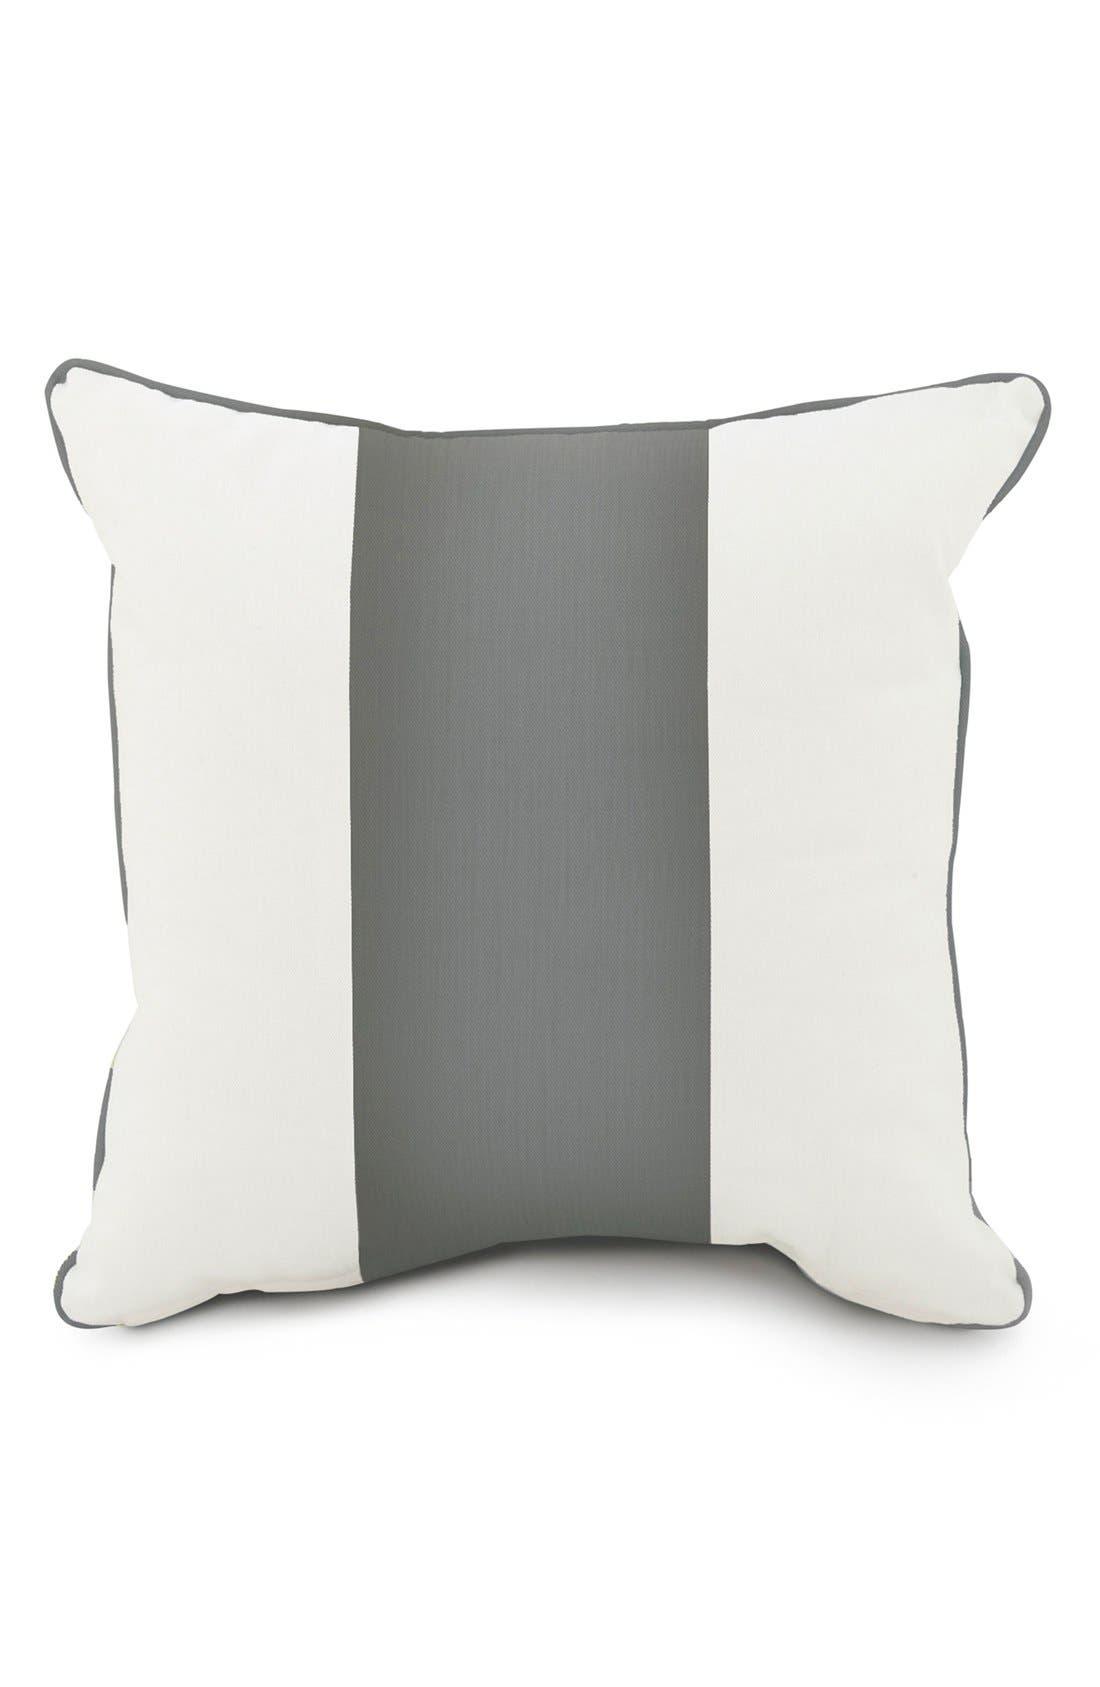 'Band' Square Pillow,                             Main thumbnail 1, color,                             021